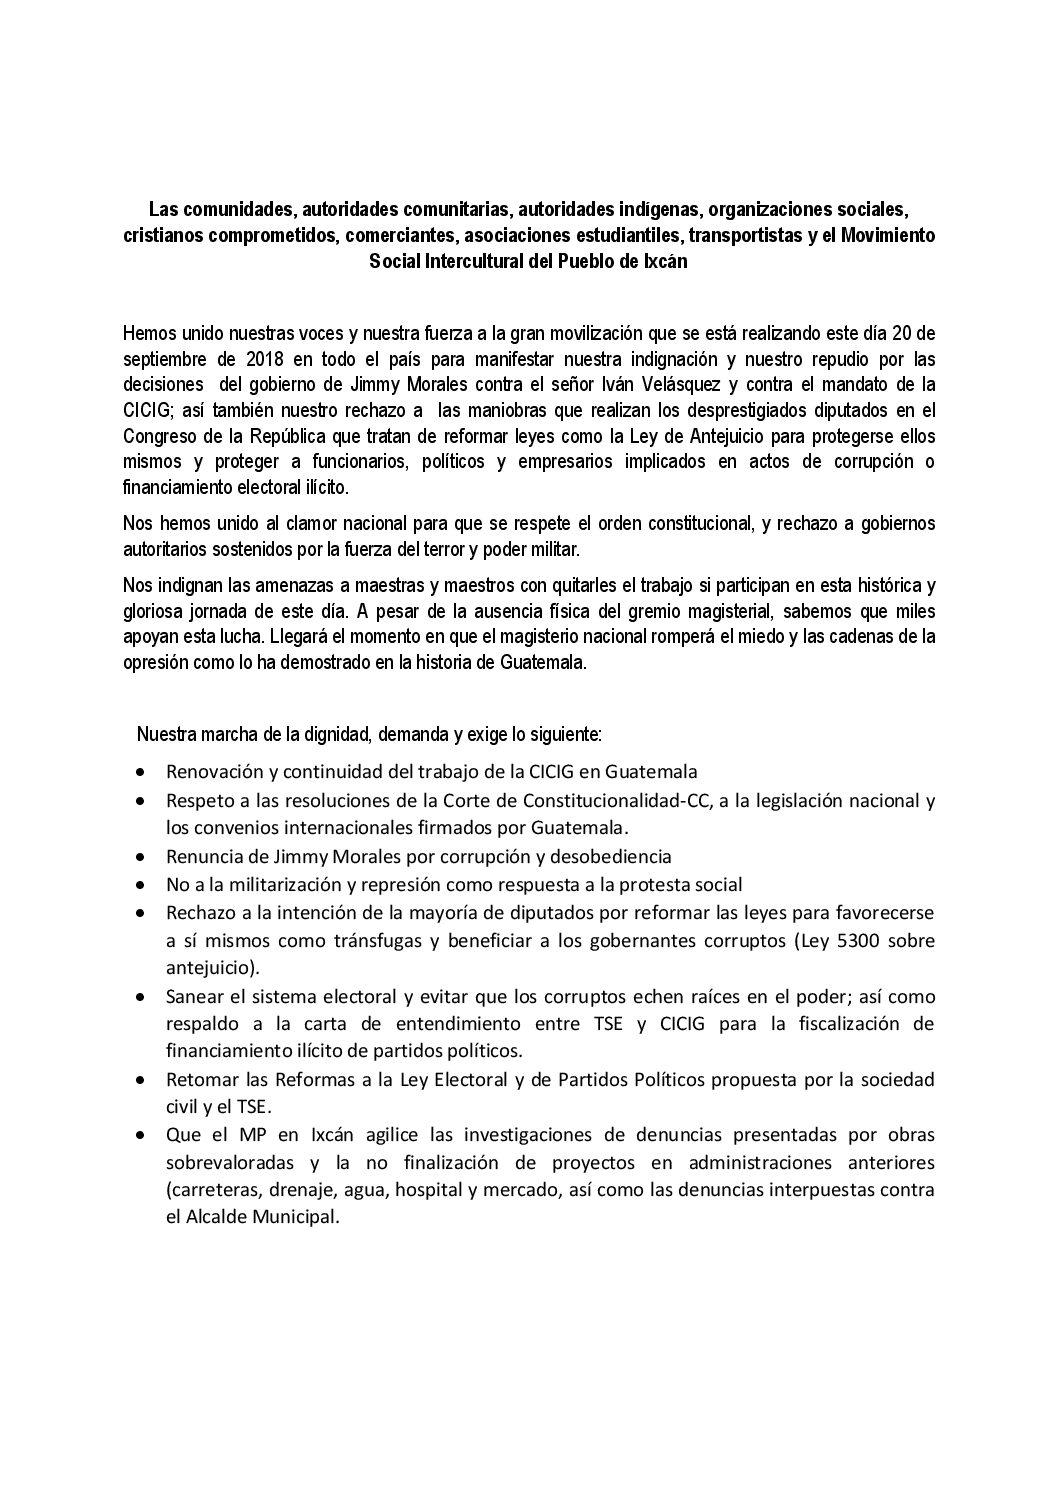 Pronunciamiento Ixcán, El Quiché